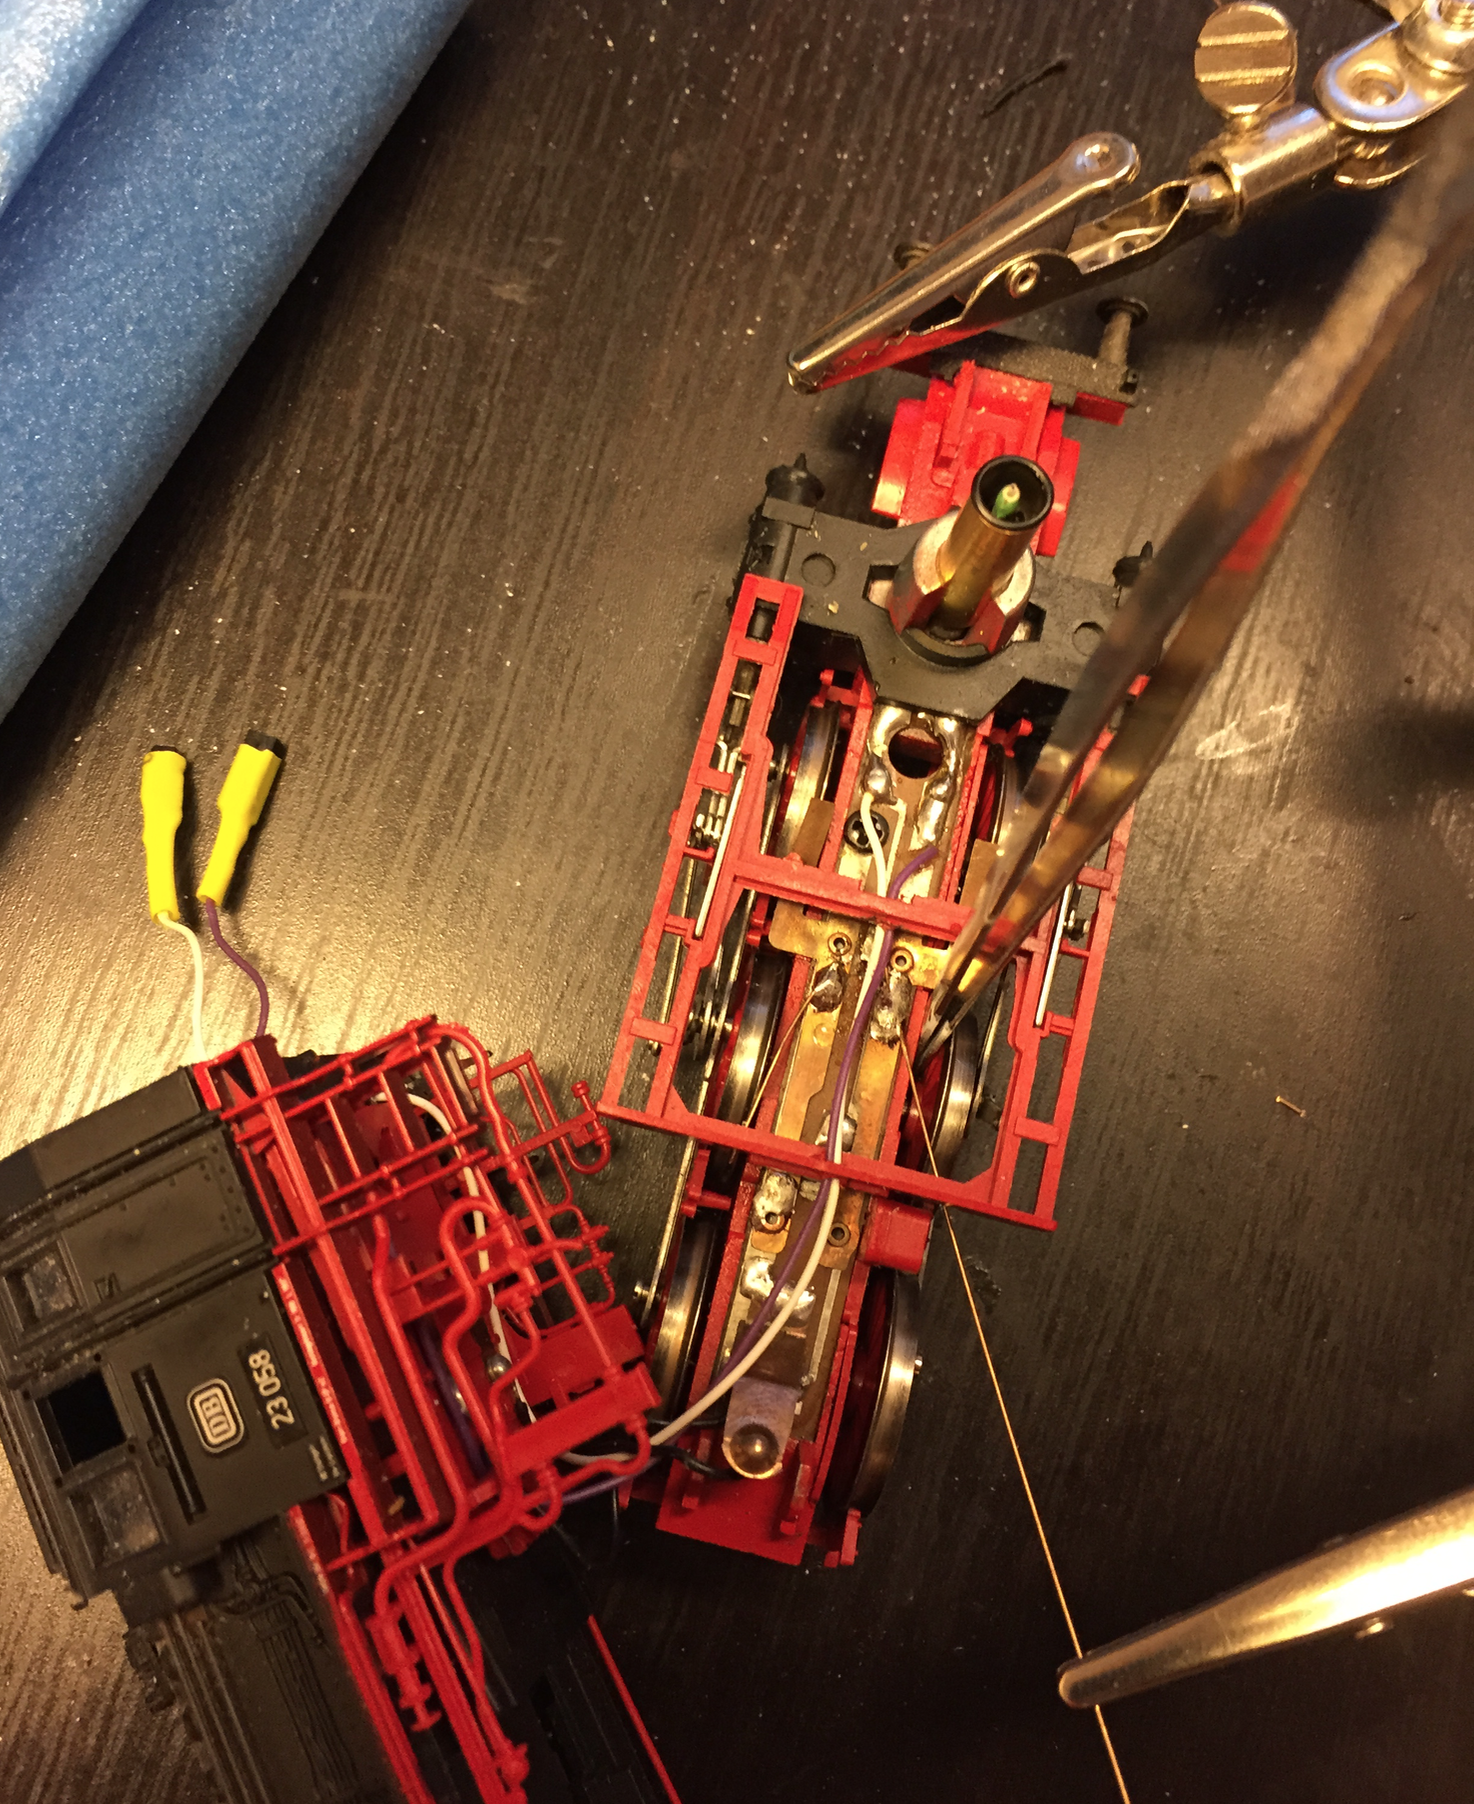 Repairing a locomotive